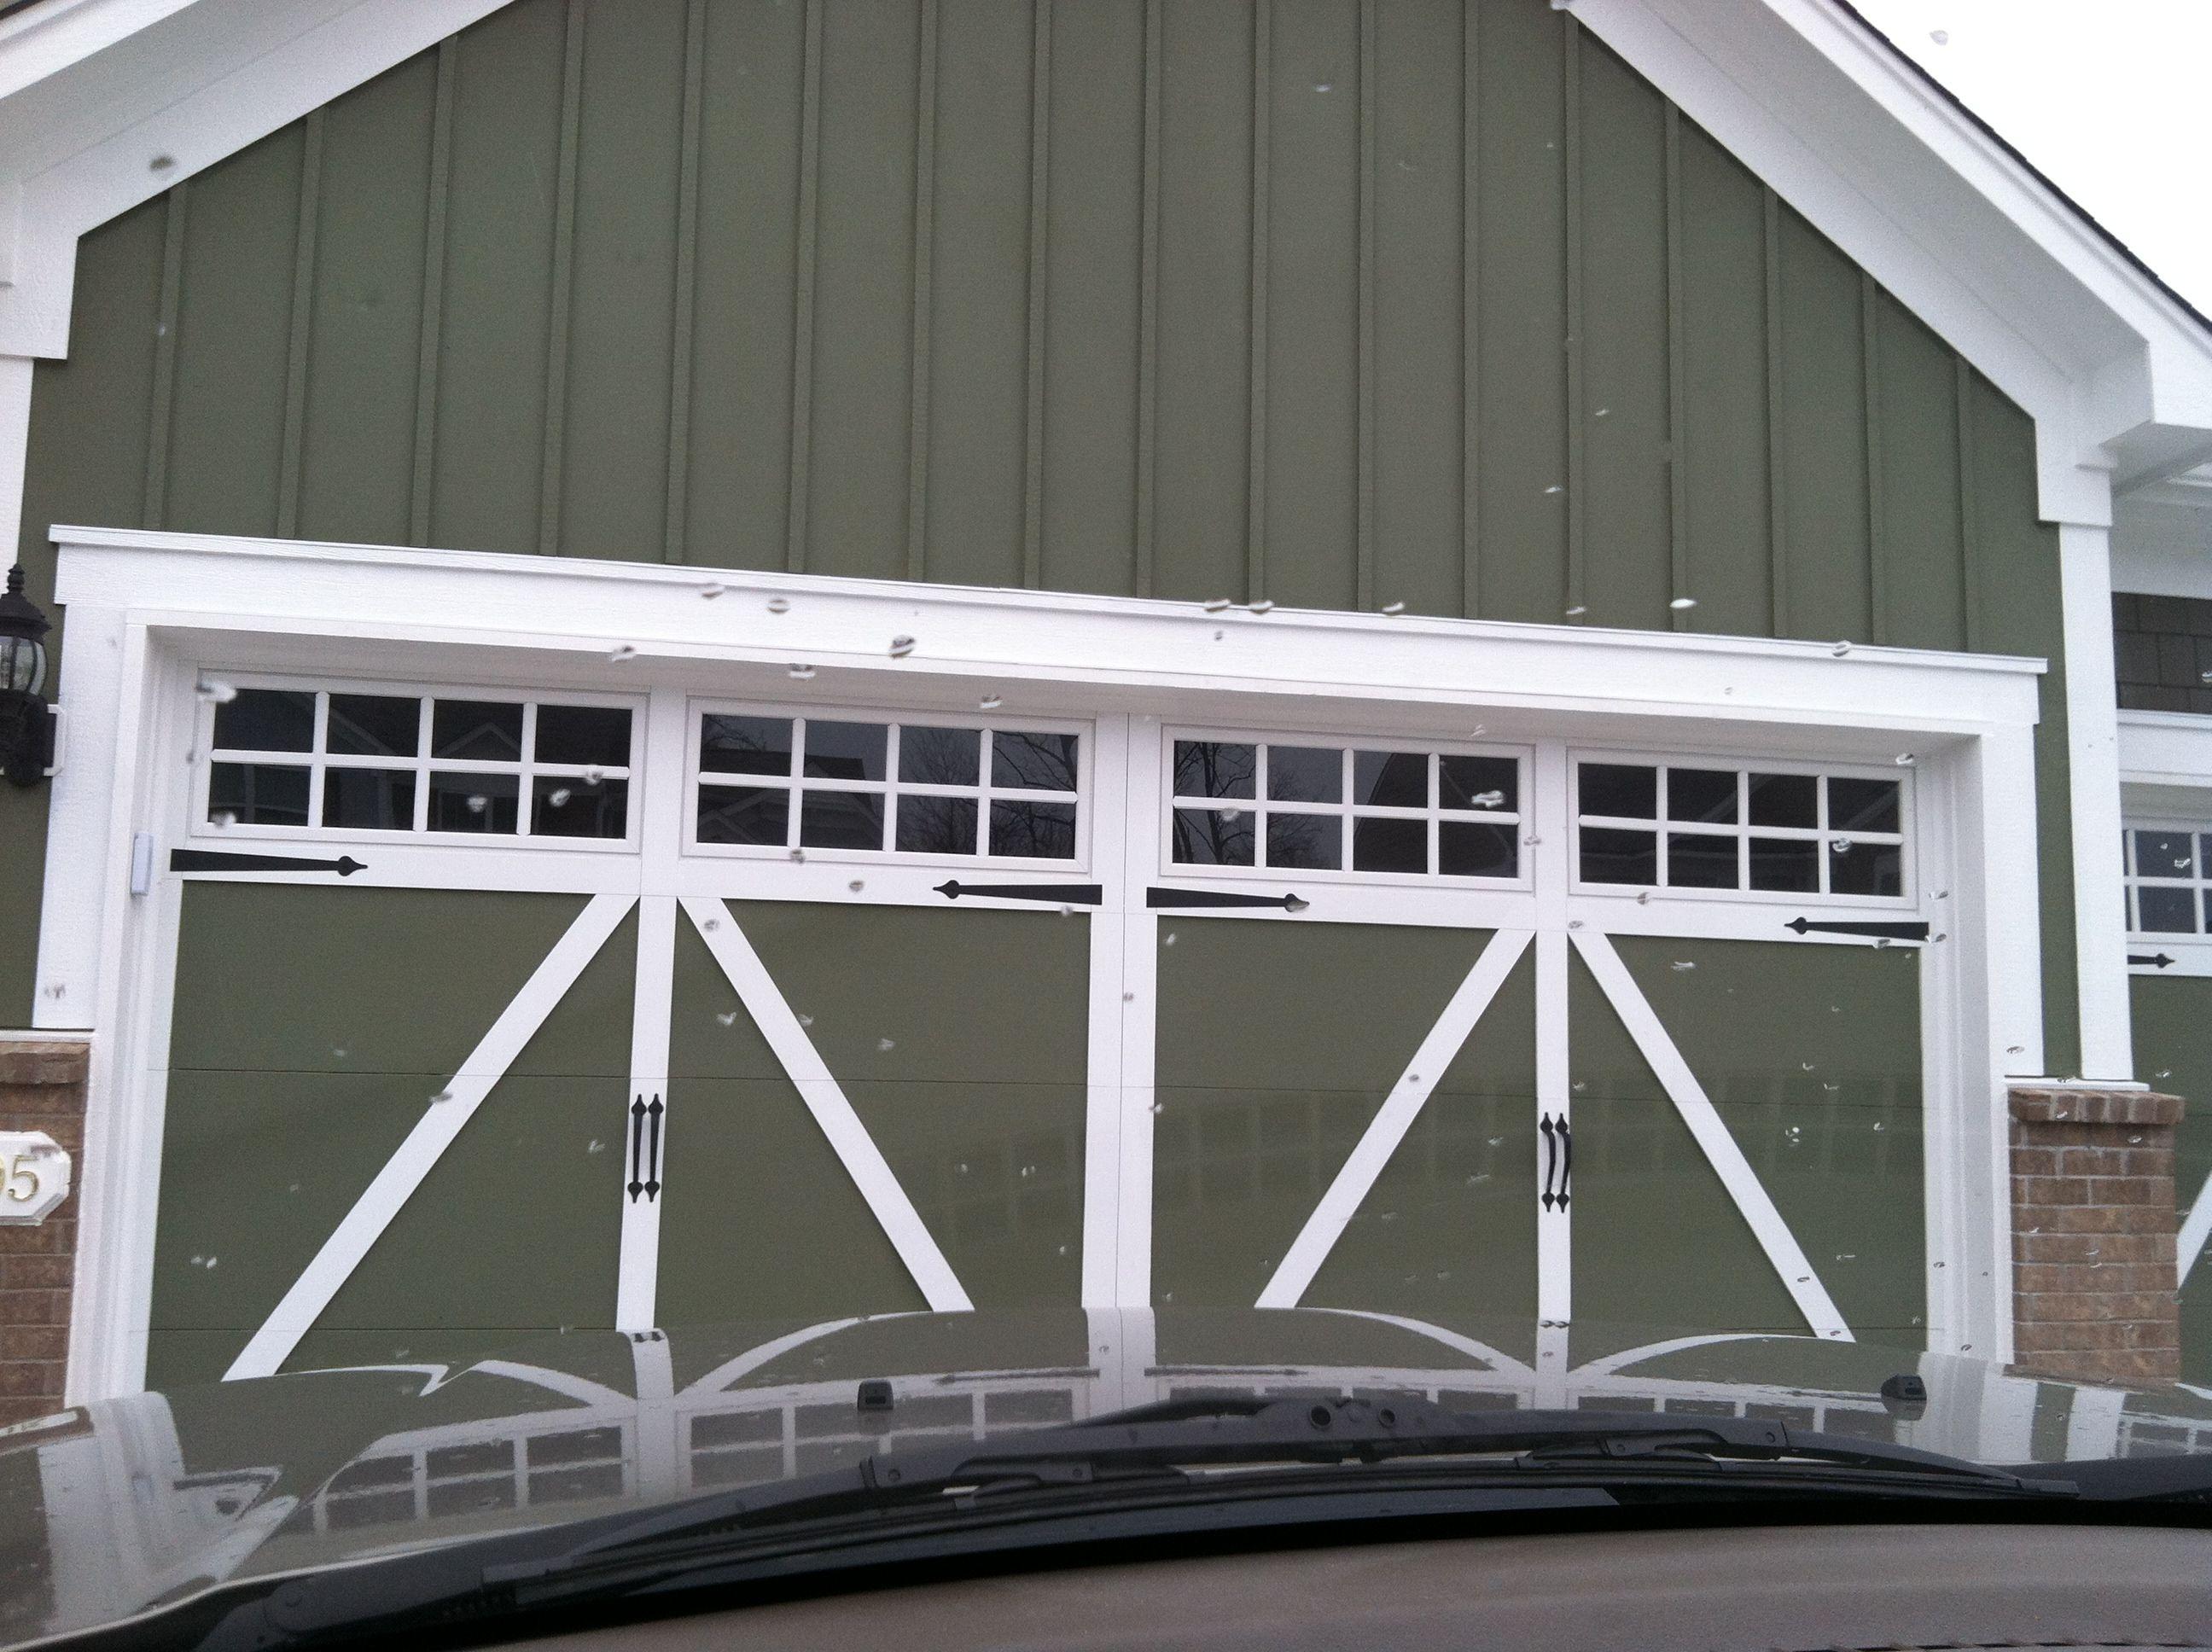 Barn Garage Doors : Stable garage doors for cars or cows door glam